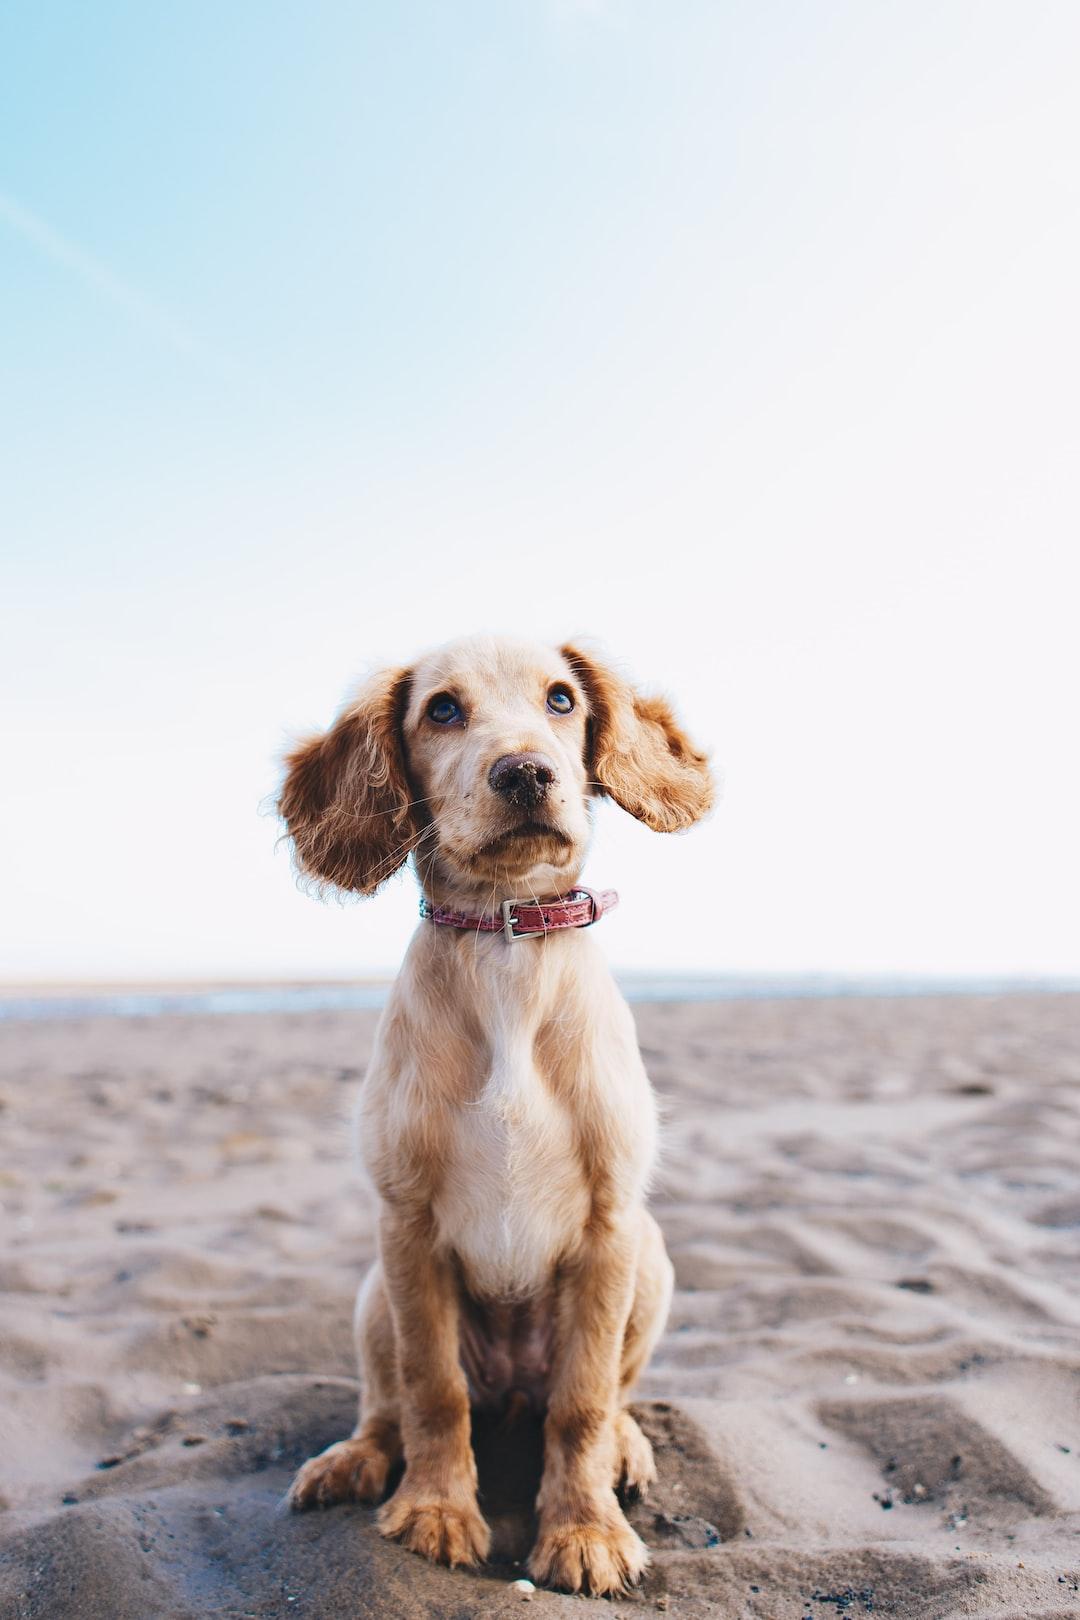 Dog Car Harness >> Best 100+ Dog Images | Download Free Pictures on Unsplash